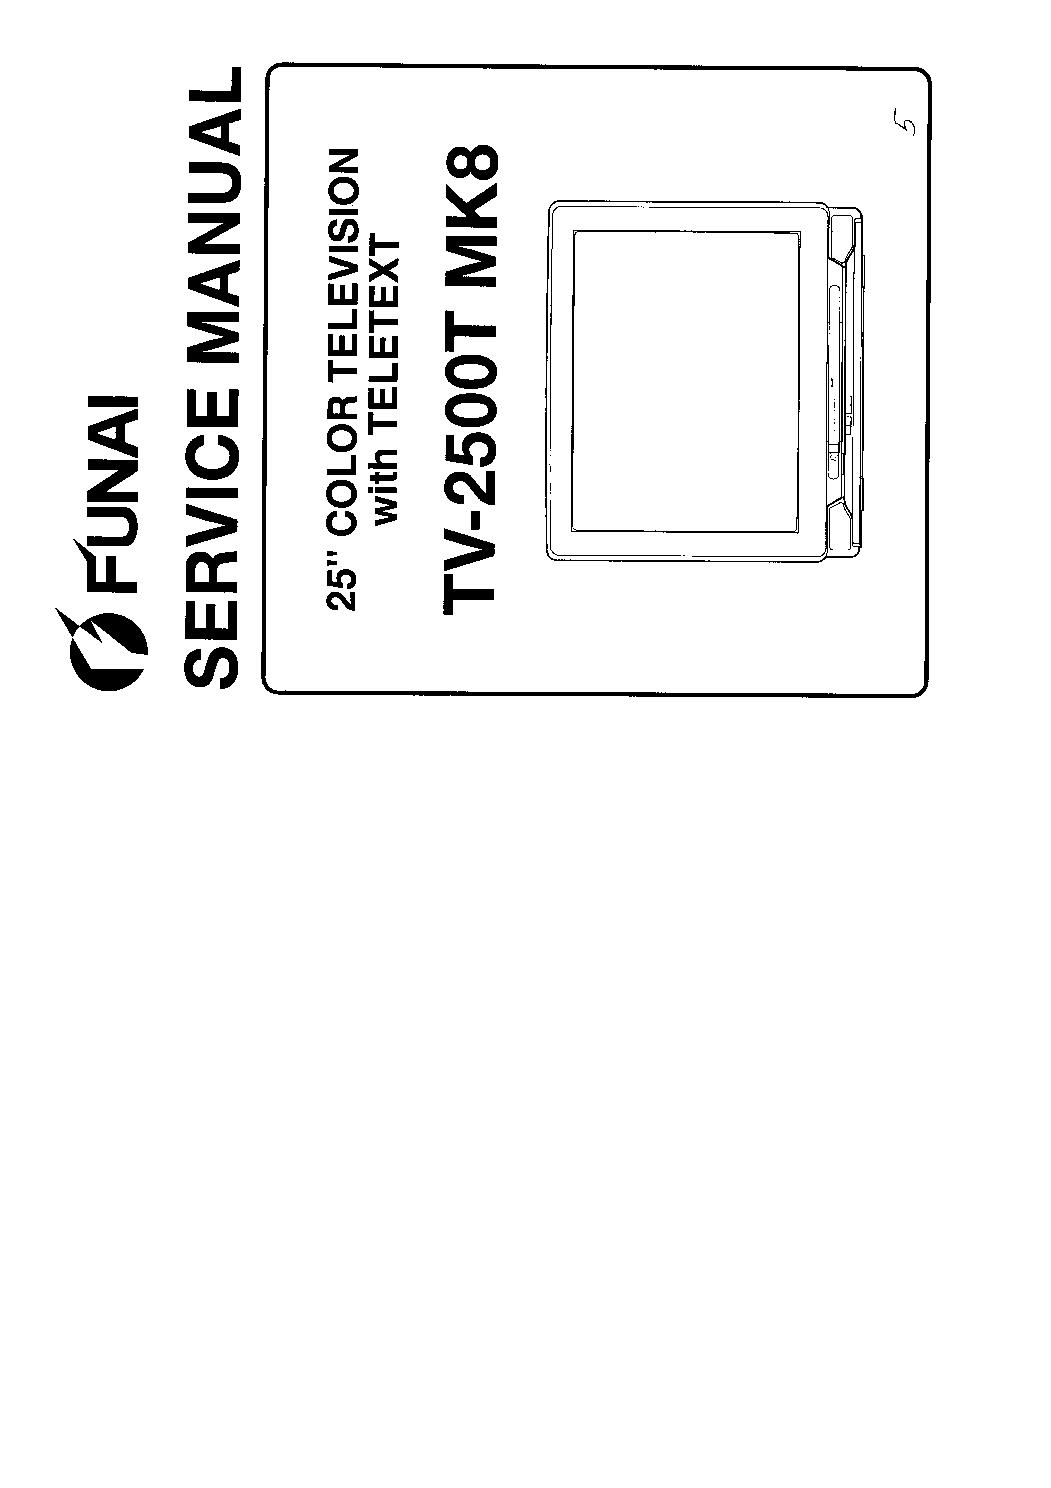 FUNAI TV2500TMK8 SM